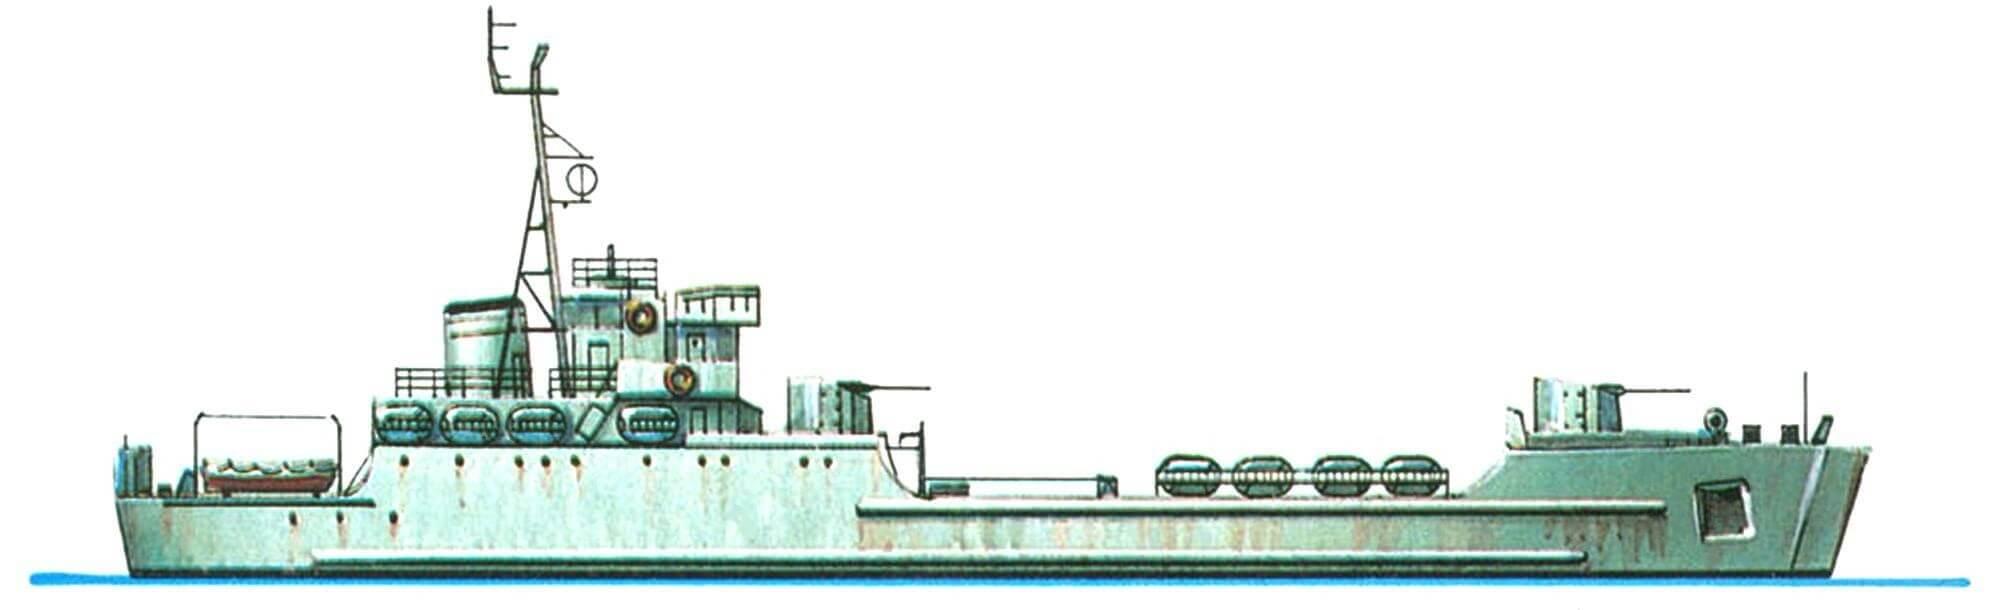 47.Средний десантный корабль СДК-7 (проект 188), СССР, 1958 г. Водоизмещение стандартное 1020 т, полное 1430 т. Длина 74,7 м, ширина 11,3 м, осадка 2,4 м. 2 дизеля общей мощностью 4000 л.с., скорость 14 узлов. Вооружение: четыре 57-мм зенитных орудия. Вместимость: 3 тяжелых или 5 средних танков или 350 десантников. Всего в 1958 — 1963 годах построено 19 единиц.